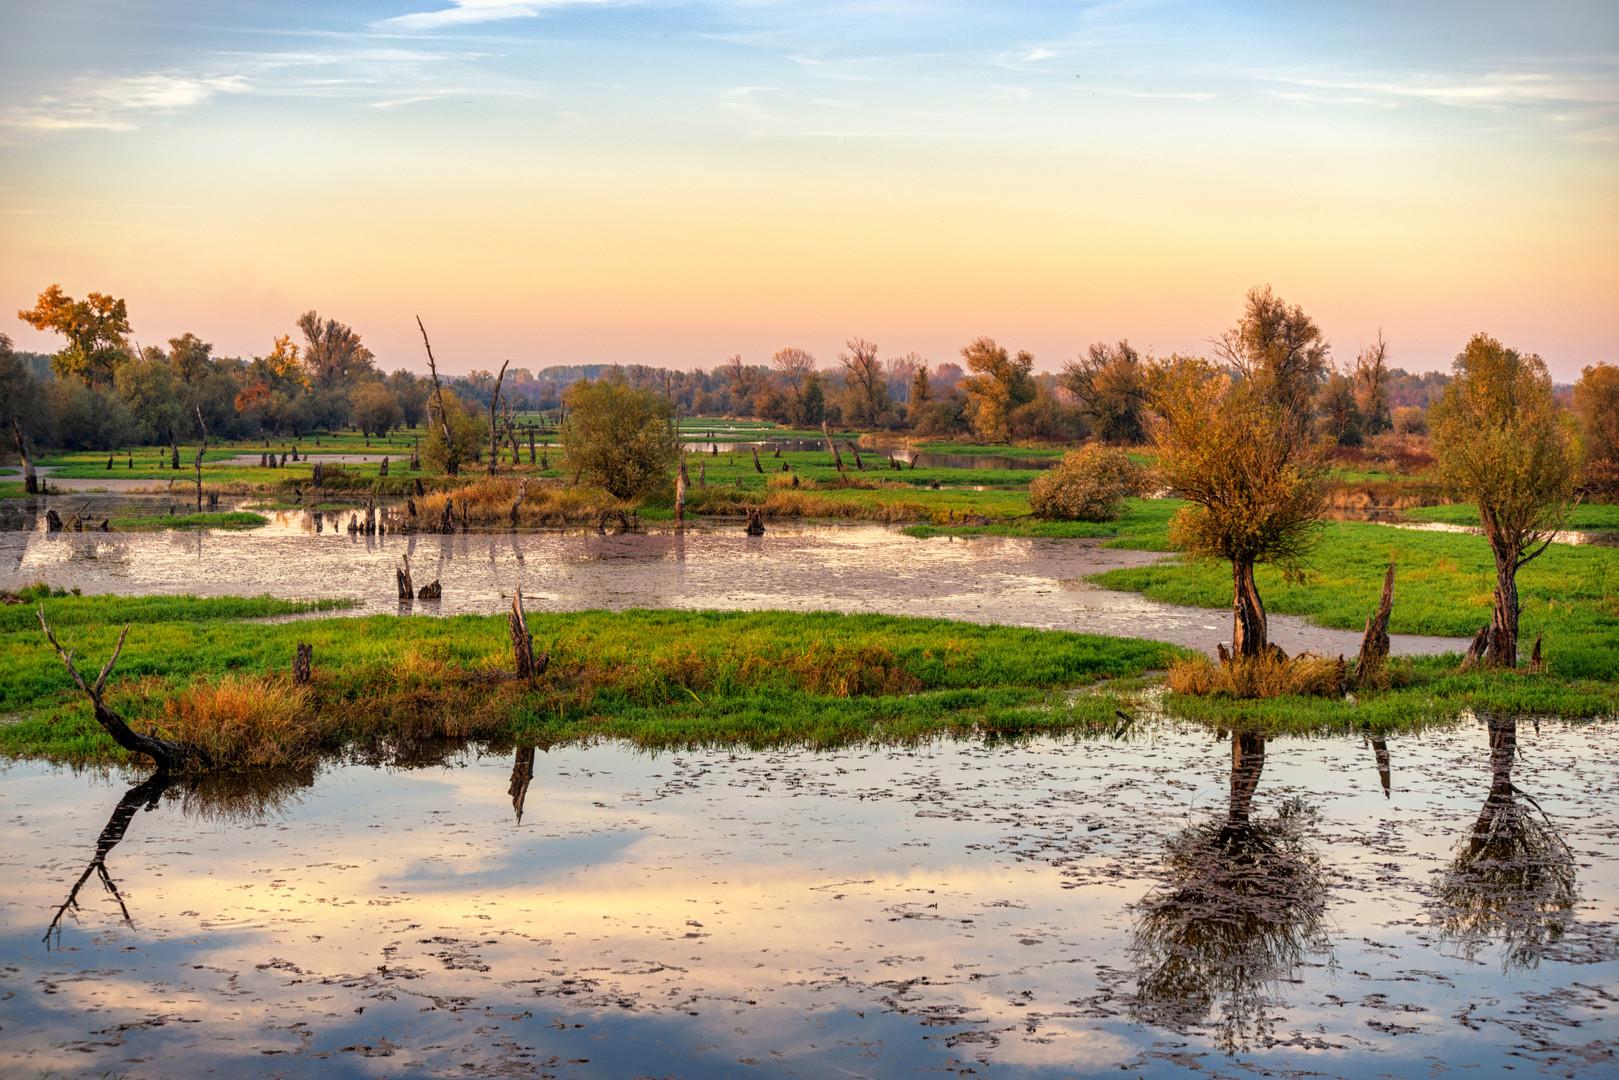 Zalazak na reci u jesen